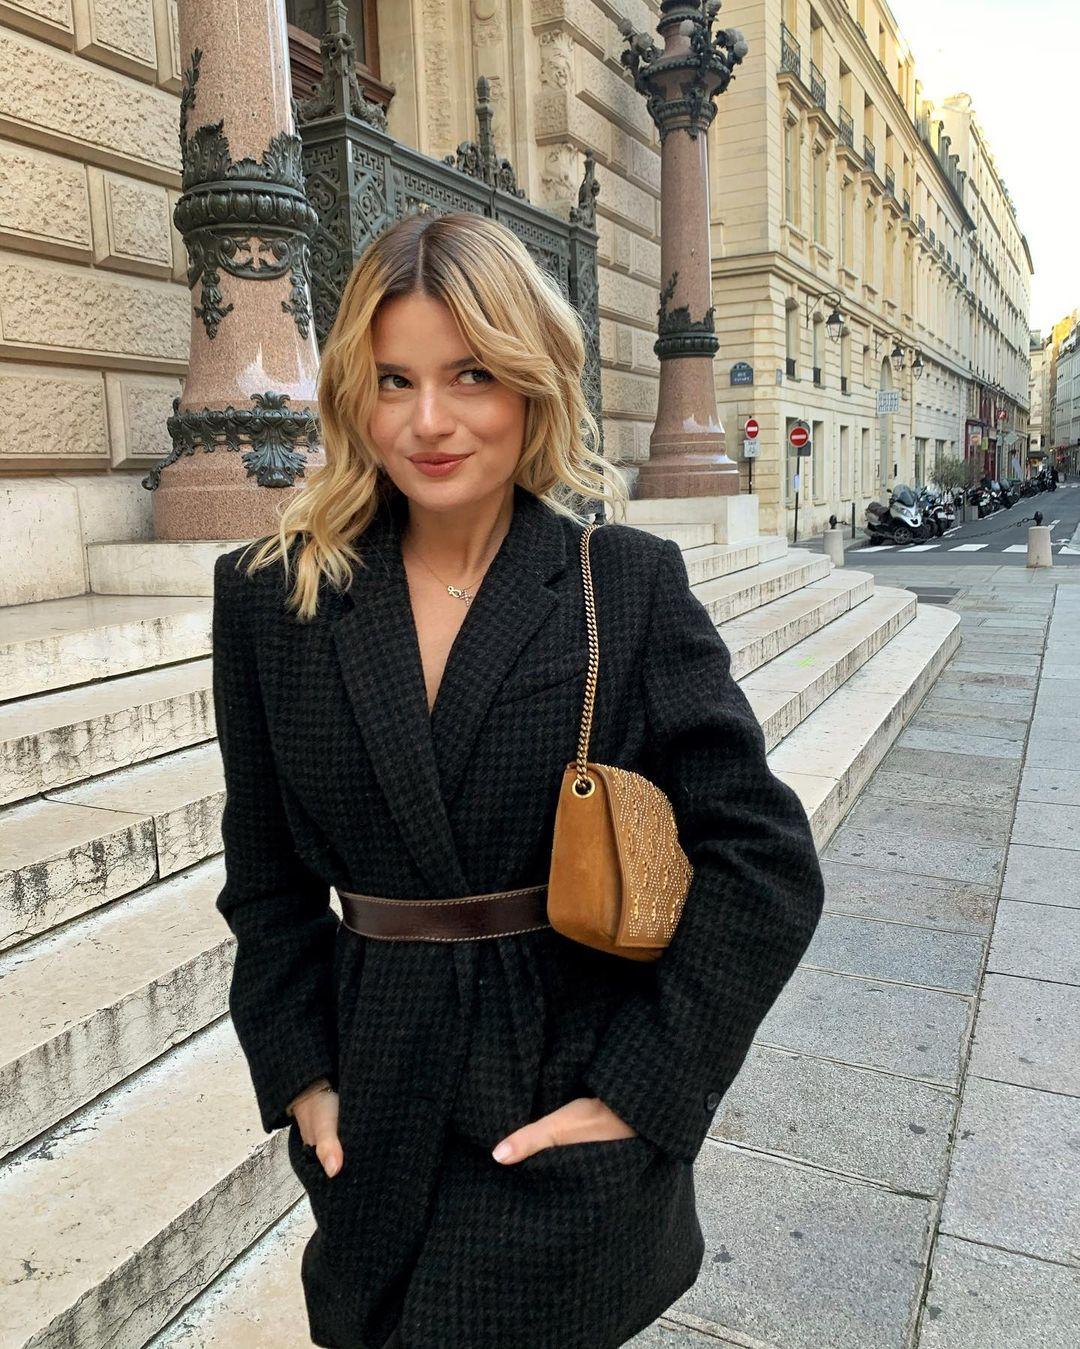 Hội IT Girl nước Pháp có đến 9 bí kíp diện đồ để không bao giờ mặc xấu, chỉ thanh lịch và sang chảnh trở lên - Ảnh 17